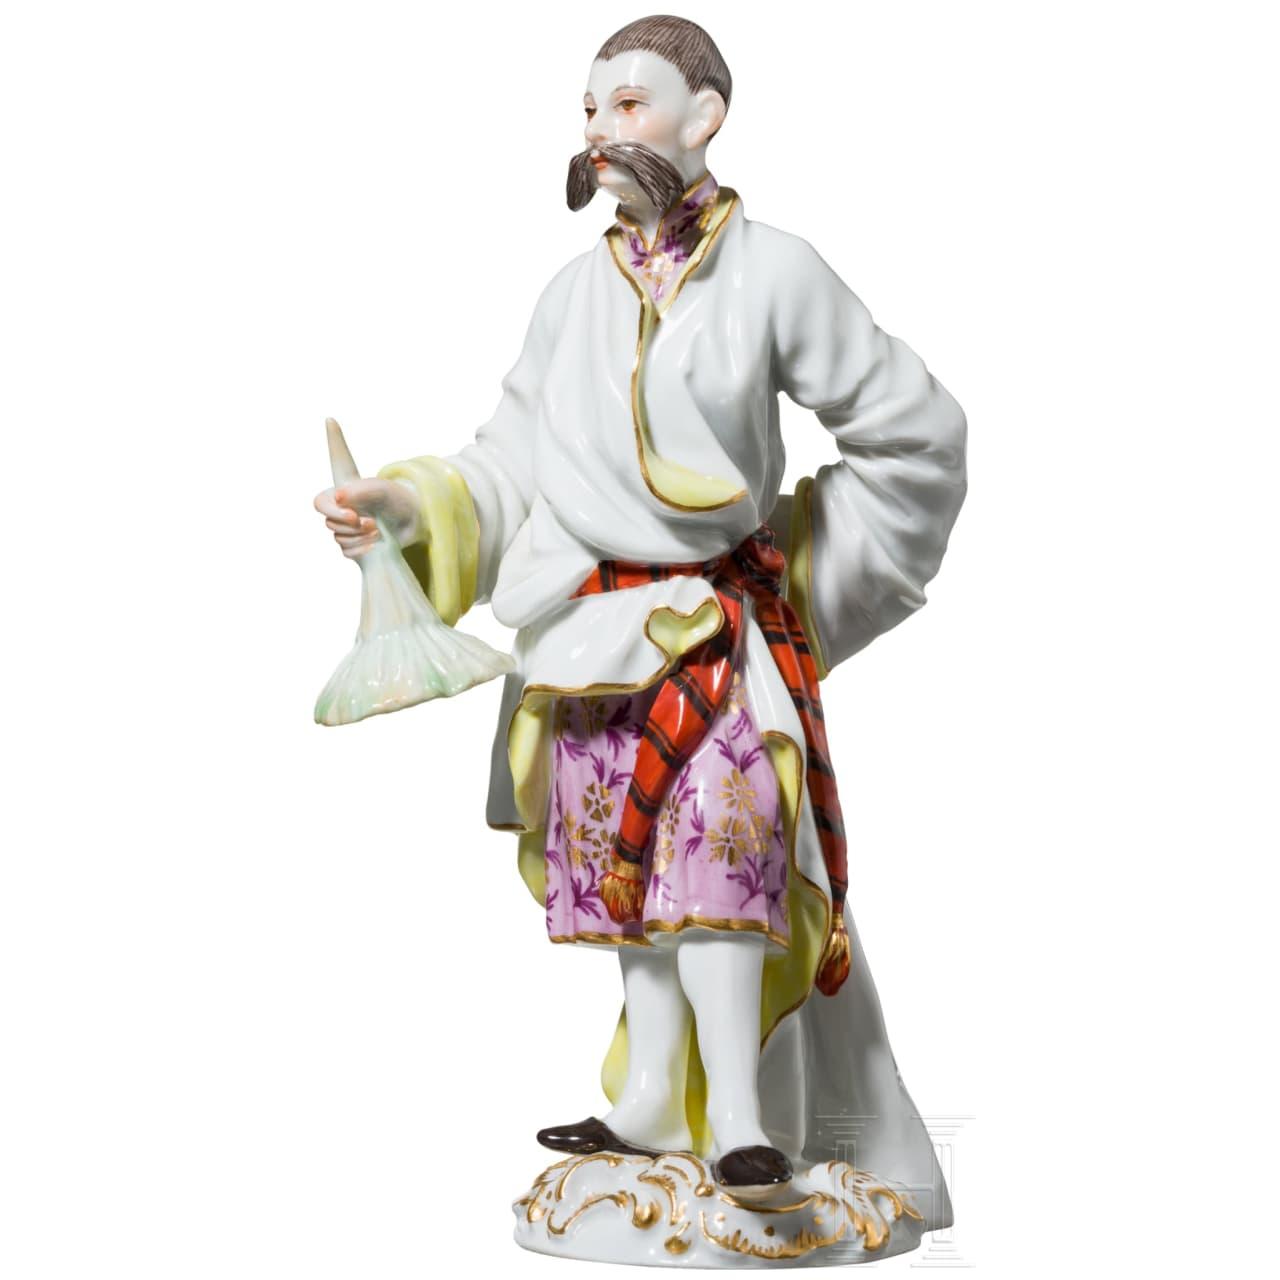 Figur eines stehenden Chinesen oder Japaners aus der Gruppe der fremden Völker, Meißen, 20. Jhdt.